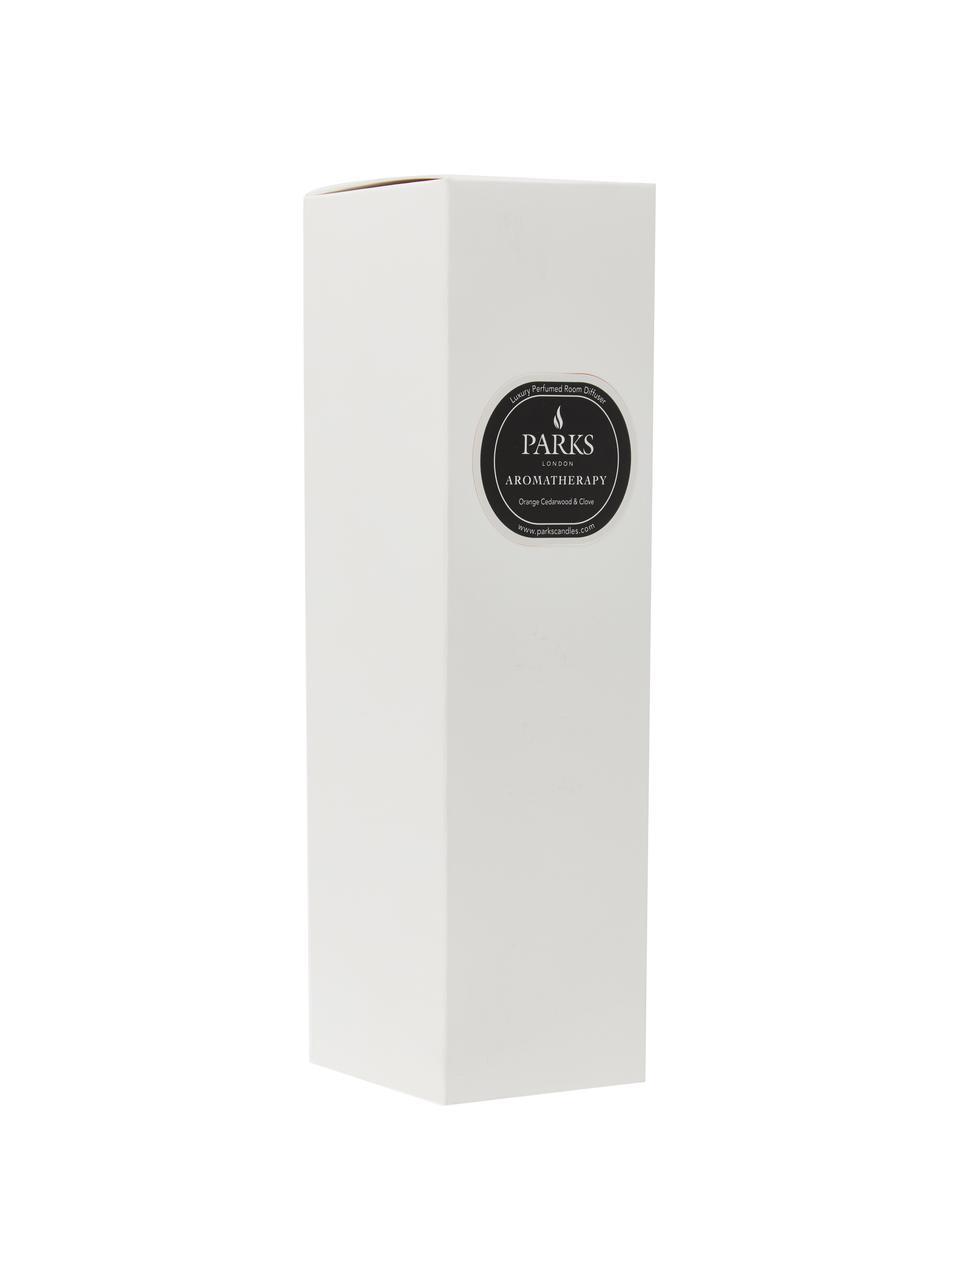 Diffuser Aromatherapy (Orange, Zedernholz & Nelke), Verschluss: Holz, Schwarz, Weiß, Ø 6 x H 14 cm